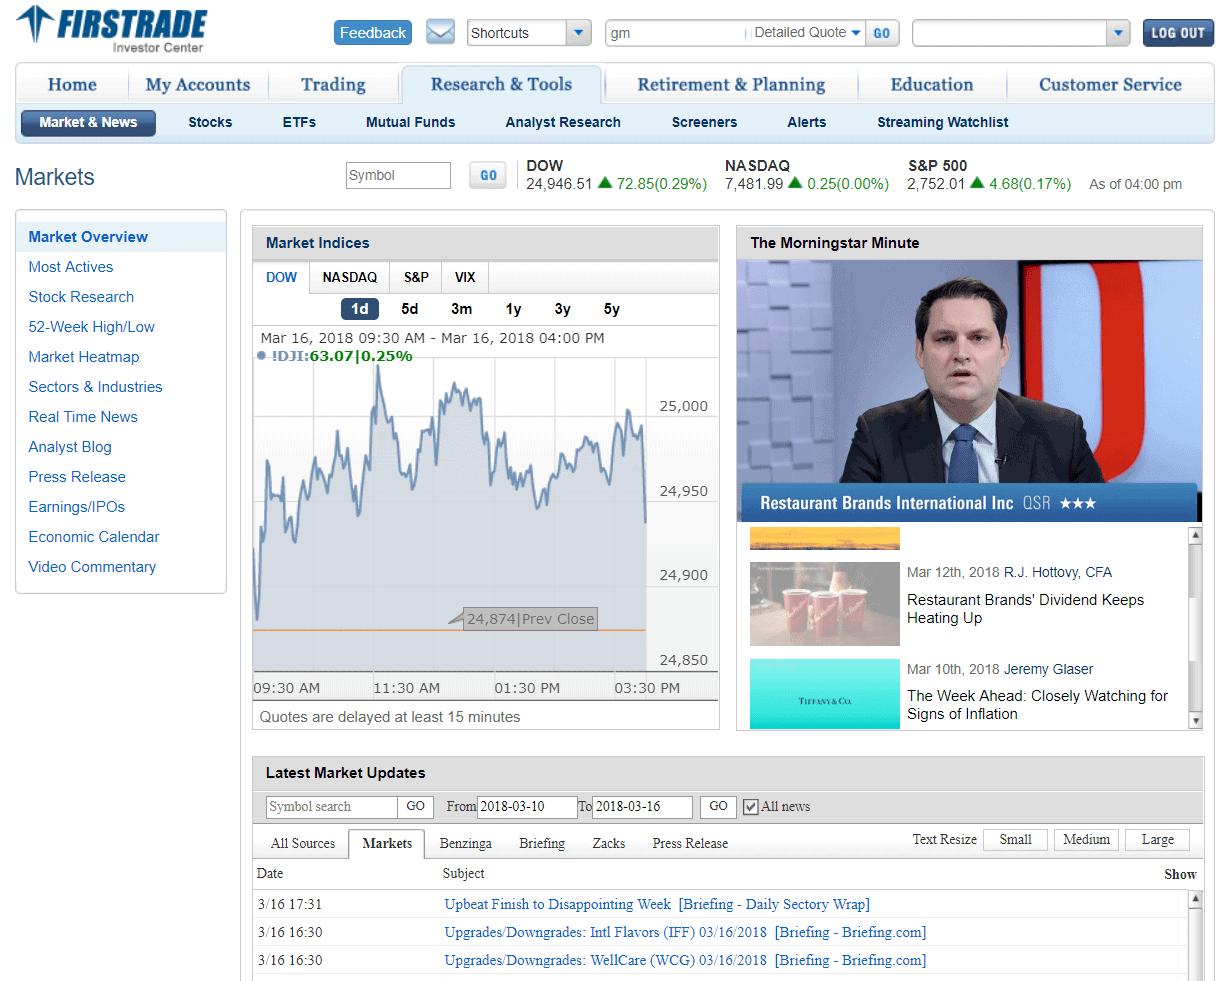 Firstrade Market News